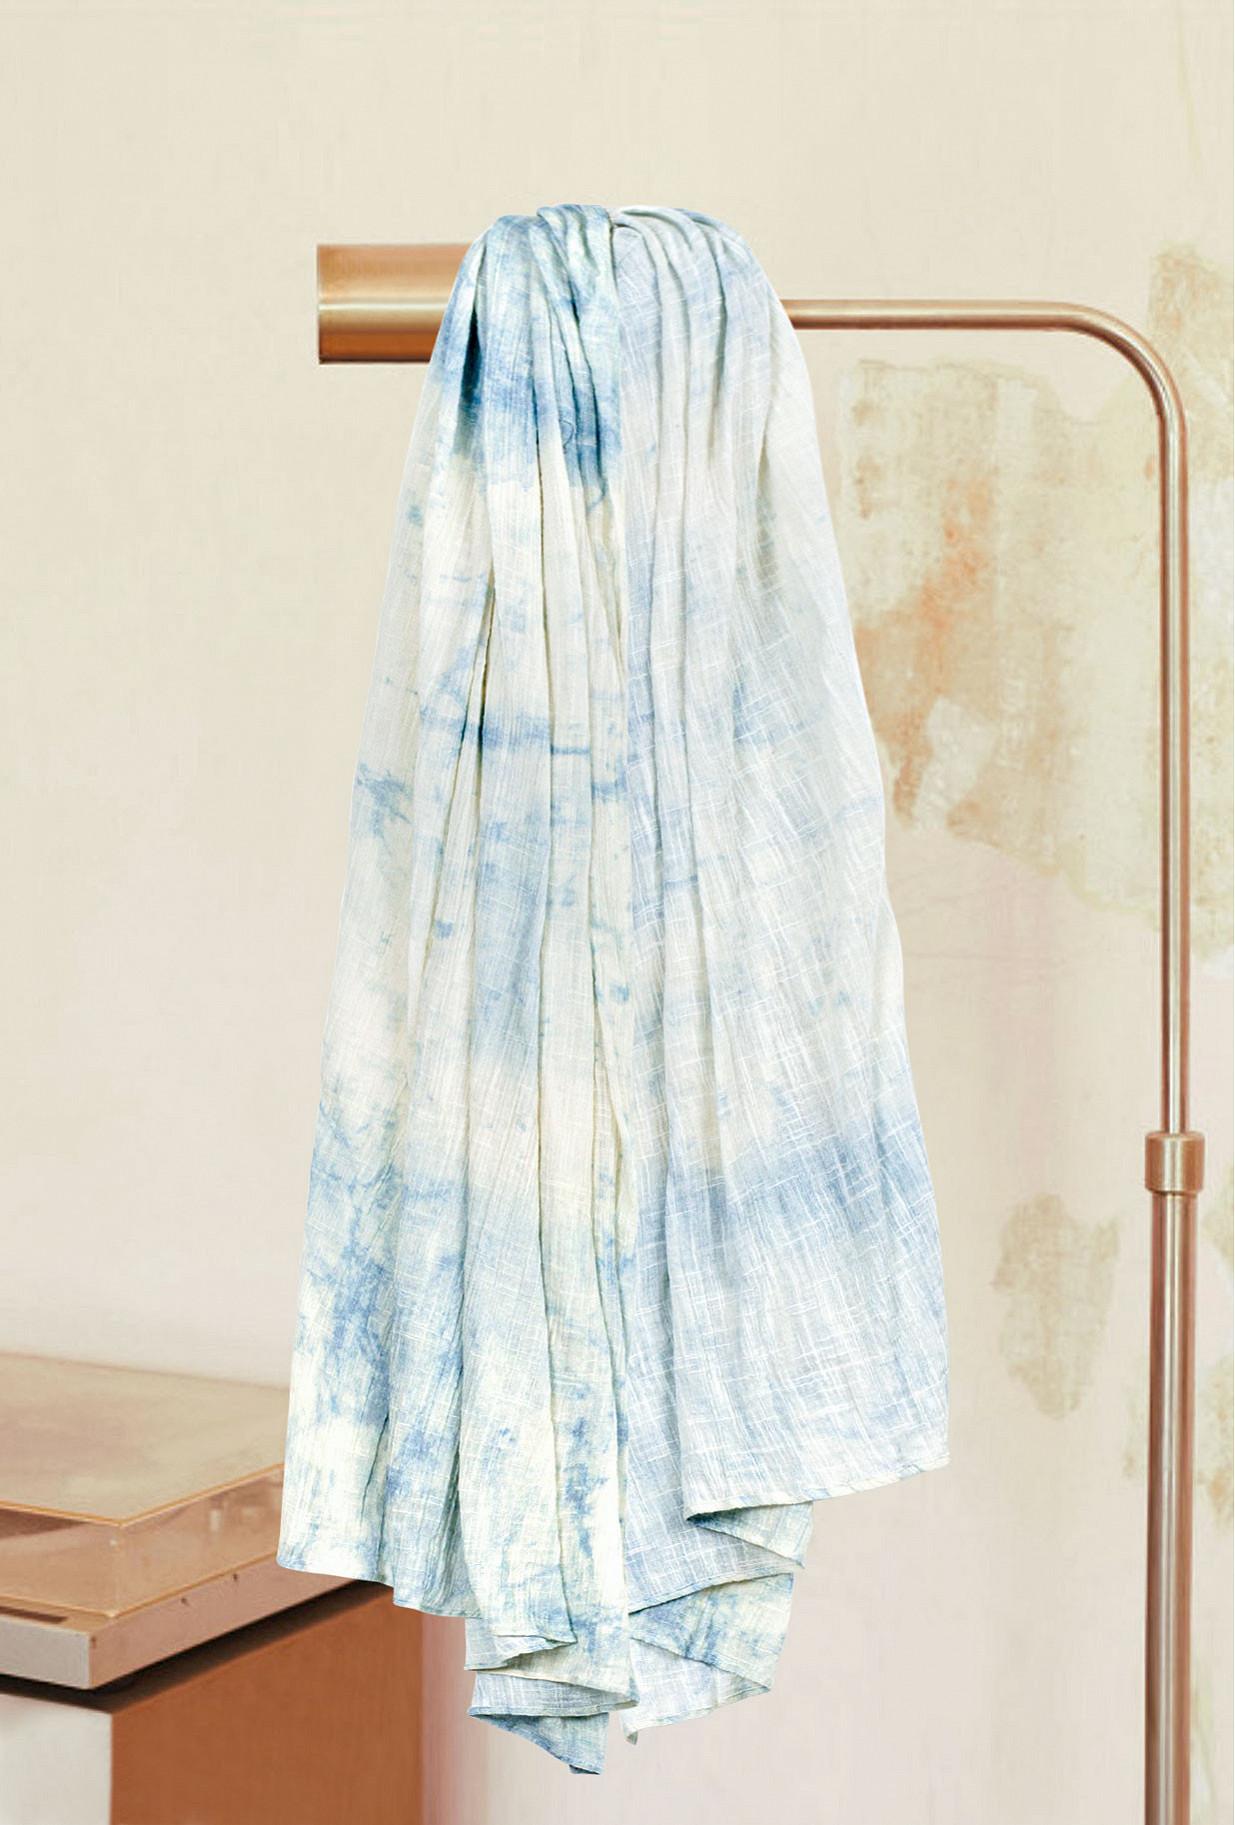 Écharpe Bleu glacier  Vermont mes demoiselles paris vêtement femme paris